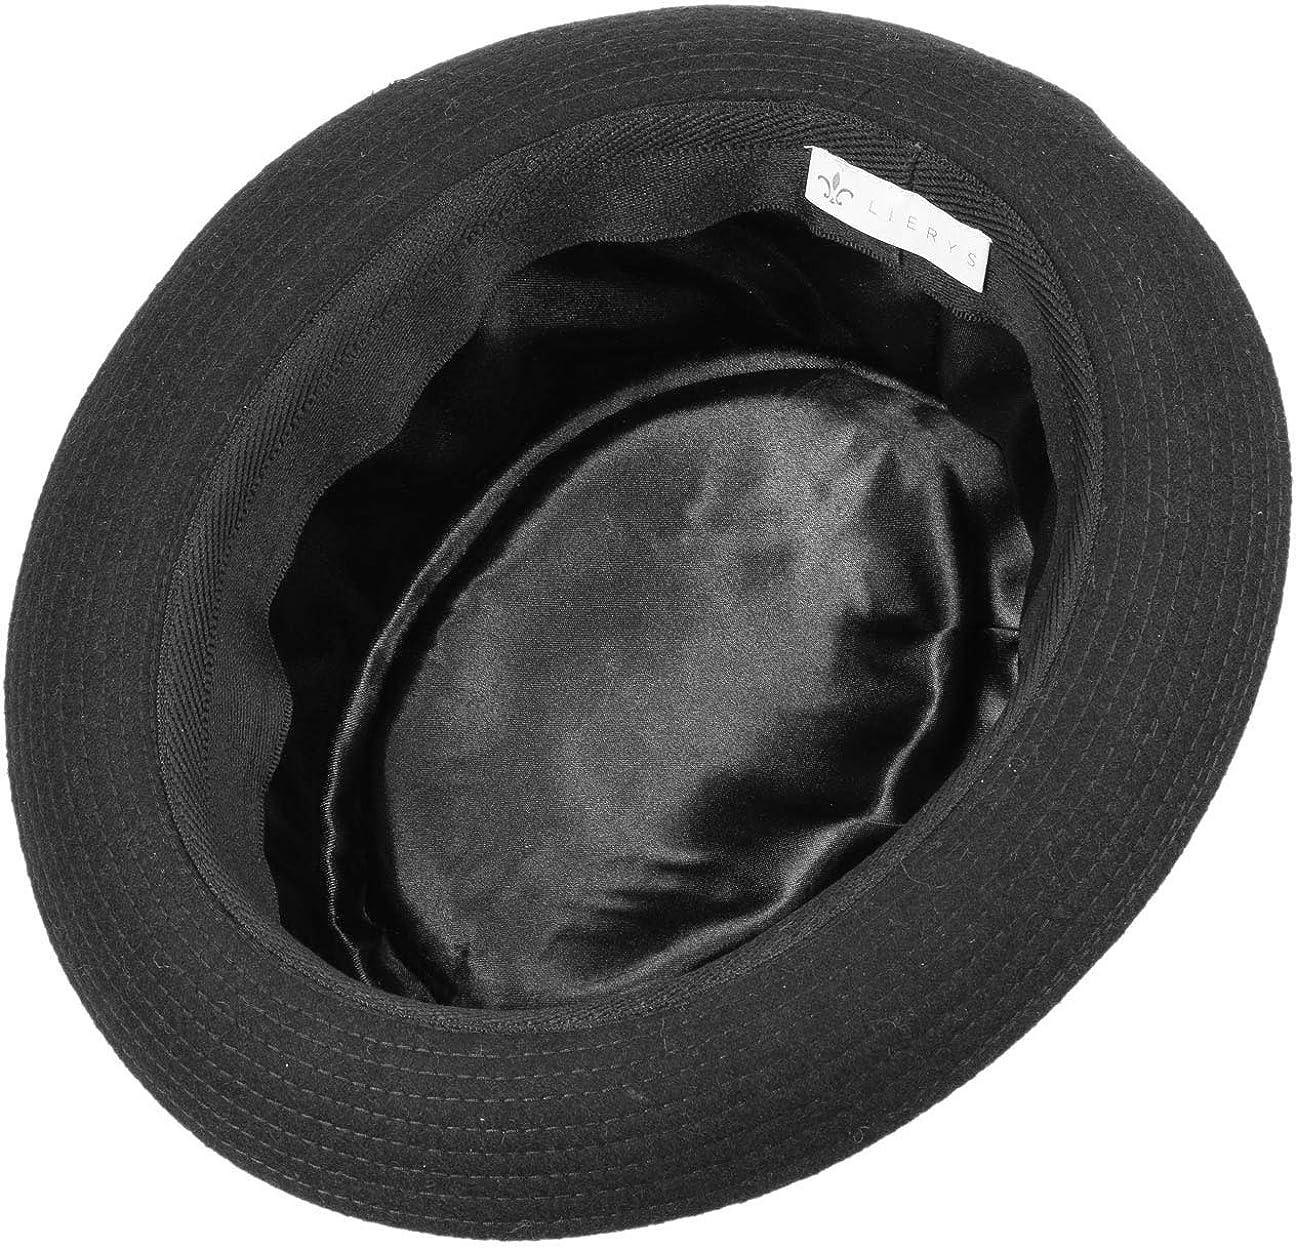 Lierys Panno Wool Pork Pie Filzhut Damen//Herren Hut Made in Italy Fedora Temperaturregulierend Wollfilzhut Herbst//Fr/ühling